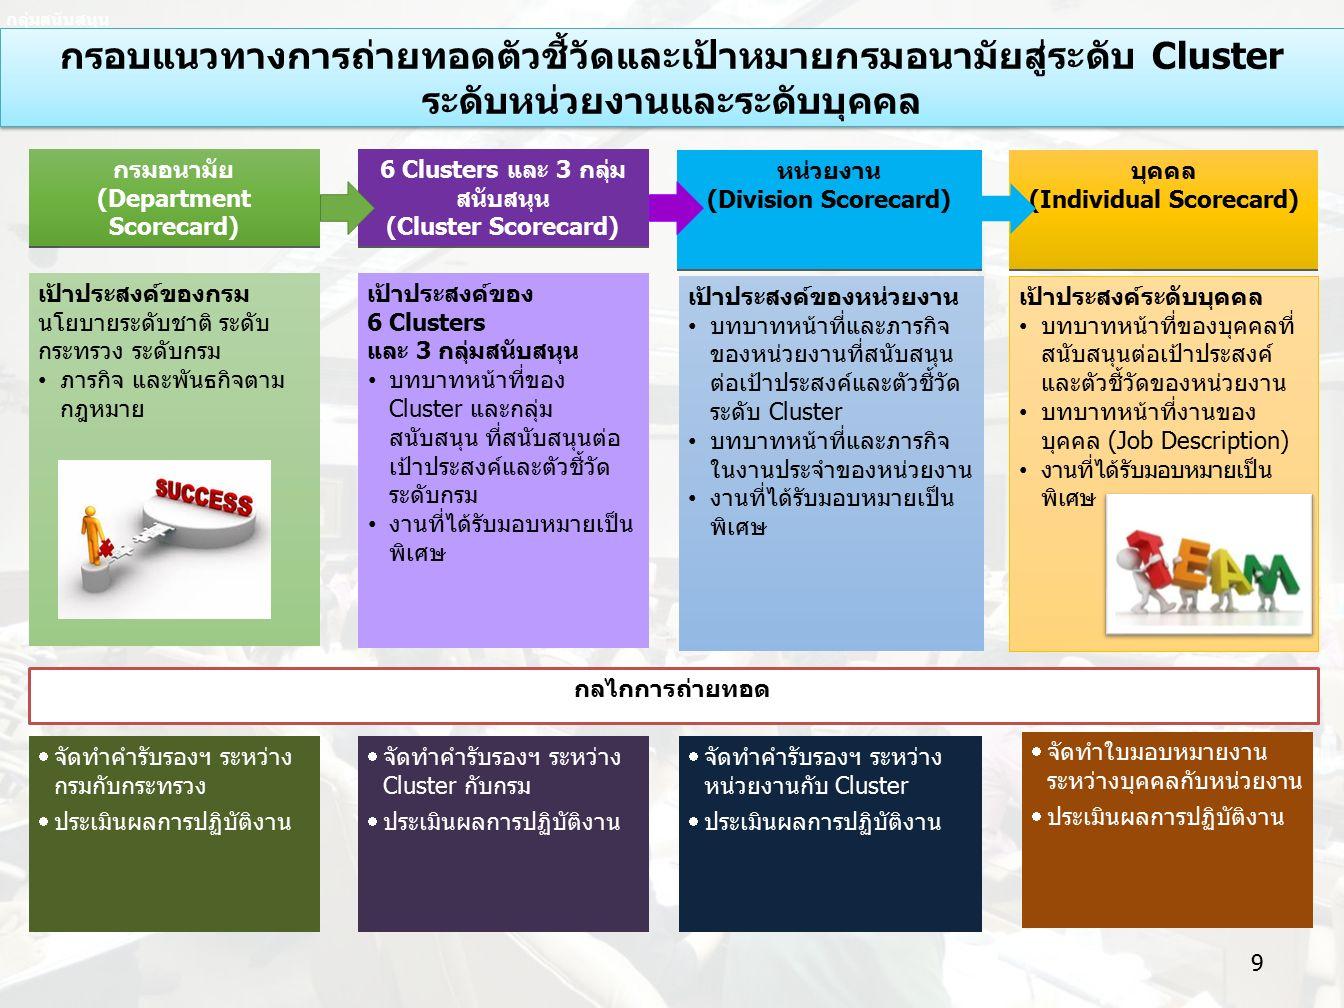 กลุ่มสนับสนุน (Cluster Scorecard) หน่วยงาน (Division Scorecard) หน่วยงาน (Division Scorecard) บุคคล (Individual Scorecard) บุคคล (Individual Scorecard) เป้าประสงค์ของหน่วยงาน บทบาทหน้าที่และภารกิจ ของหน่วยงานที่สนับสนุน ต่อเป้าประสงค์และตัวชี้วัด ระดับ Cluster บทบาทหน้าที่และภารกิจ ในงานประจำของหน่วยงาน งานที่ได้รับมอบหมายเป็น พิเศษ เป้าประสงค์ระดับบุคคล บทบาทหน้าที่ของบุคคลที่ สนับสนุนต่อเป้าประสงค์ และตัวชี้วัดของหน่วยงาน บทบาทหน้าที่งานของ บุคคล (Job Description) งานที่ได้รับมอบหมายเป็น พิเศษ กลไกการถ่ายทอด 6 Clusters และ 3 กลุ่ม สนับสนุน (Cluster Scorecard) 6 Clusters และ 3 กลุ่ม สนับสนุน (Cluster Scorecard) เป้าประสงค์ของ 6 Clusters และ 3 กลุ่มสนับสนุน บทบาทหน้าที่ของ Cluster และกลุ่ม สนับสนุน ที่สนับสนุนต่อ เป้าประสงค์และตัวชี้วัด ระดับกรม งานที่ได้รับมอบหมายเป็น พิเศษ กรมอนามัย (Department Scorecard) กรมอนามัย (Department Scorecard) เป้าประสงค์ของกรม นโยบายระดับชาติ ระดับ กระทรวง ระดับกรม ภารกิจ และพันธกิจตาม กฎหมาย  จัดทำคำรับรองฯ ระหว่าง กรมกับกระทรวง  ประเมินผลการปฏิบัติงาน  จัดทำคำรับรองฯ ระหว่าง Cluster กับกรม  ประเมินผลการปฏิบัติงาน  จัดทำคำรับรองฯ ระหว่าง หน่วยงานกับ Cluster  ประเมินผลการปฏิบัติงาน  จัดทำใบมอบหมายงาน ระหว่างบุคคลกับหน่วยงาน  ประเมินผลการปฏิบัติงาน กรอบแนวทางการถ่ายทอดตัวชี้วัดและเป้าหมายกรมอนามัยสู่ระดับ Cluster ระดับหน่วยงานและระดับบุคคล กรอบแนวทางการถ่ายทอดตัวชี้วัดและเป้าหมายกรมอนามัยสู่ระดับ Cluster ระดับหน่วยงานและระดับบุคคล 9